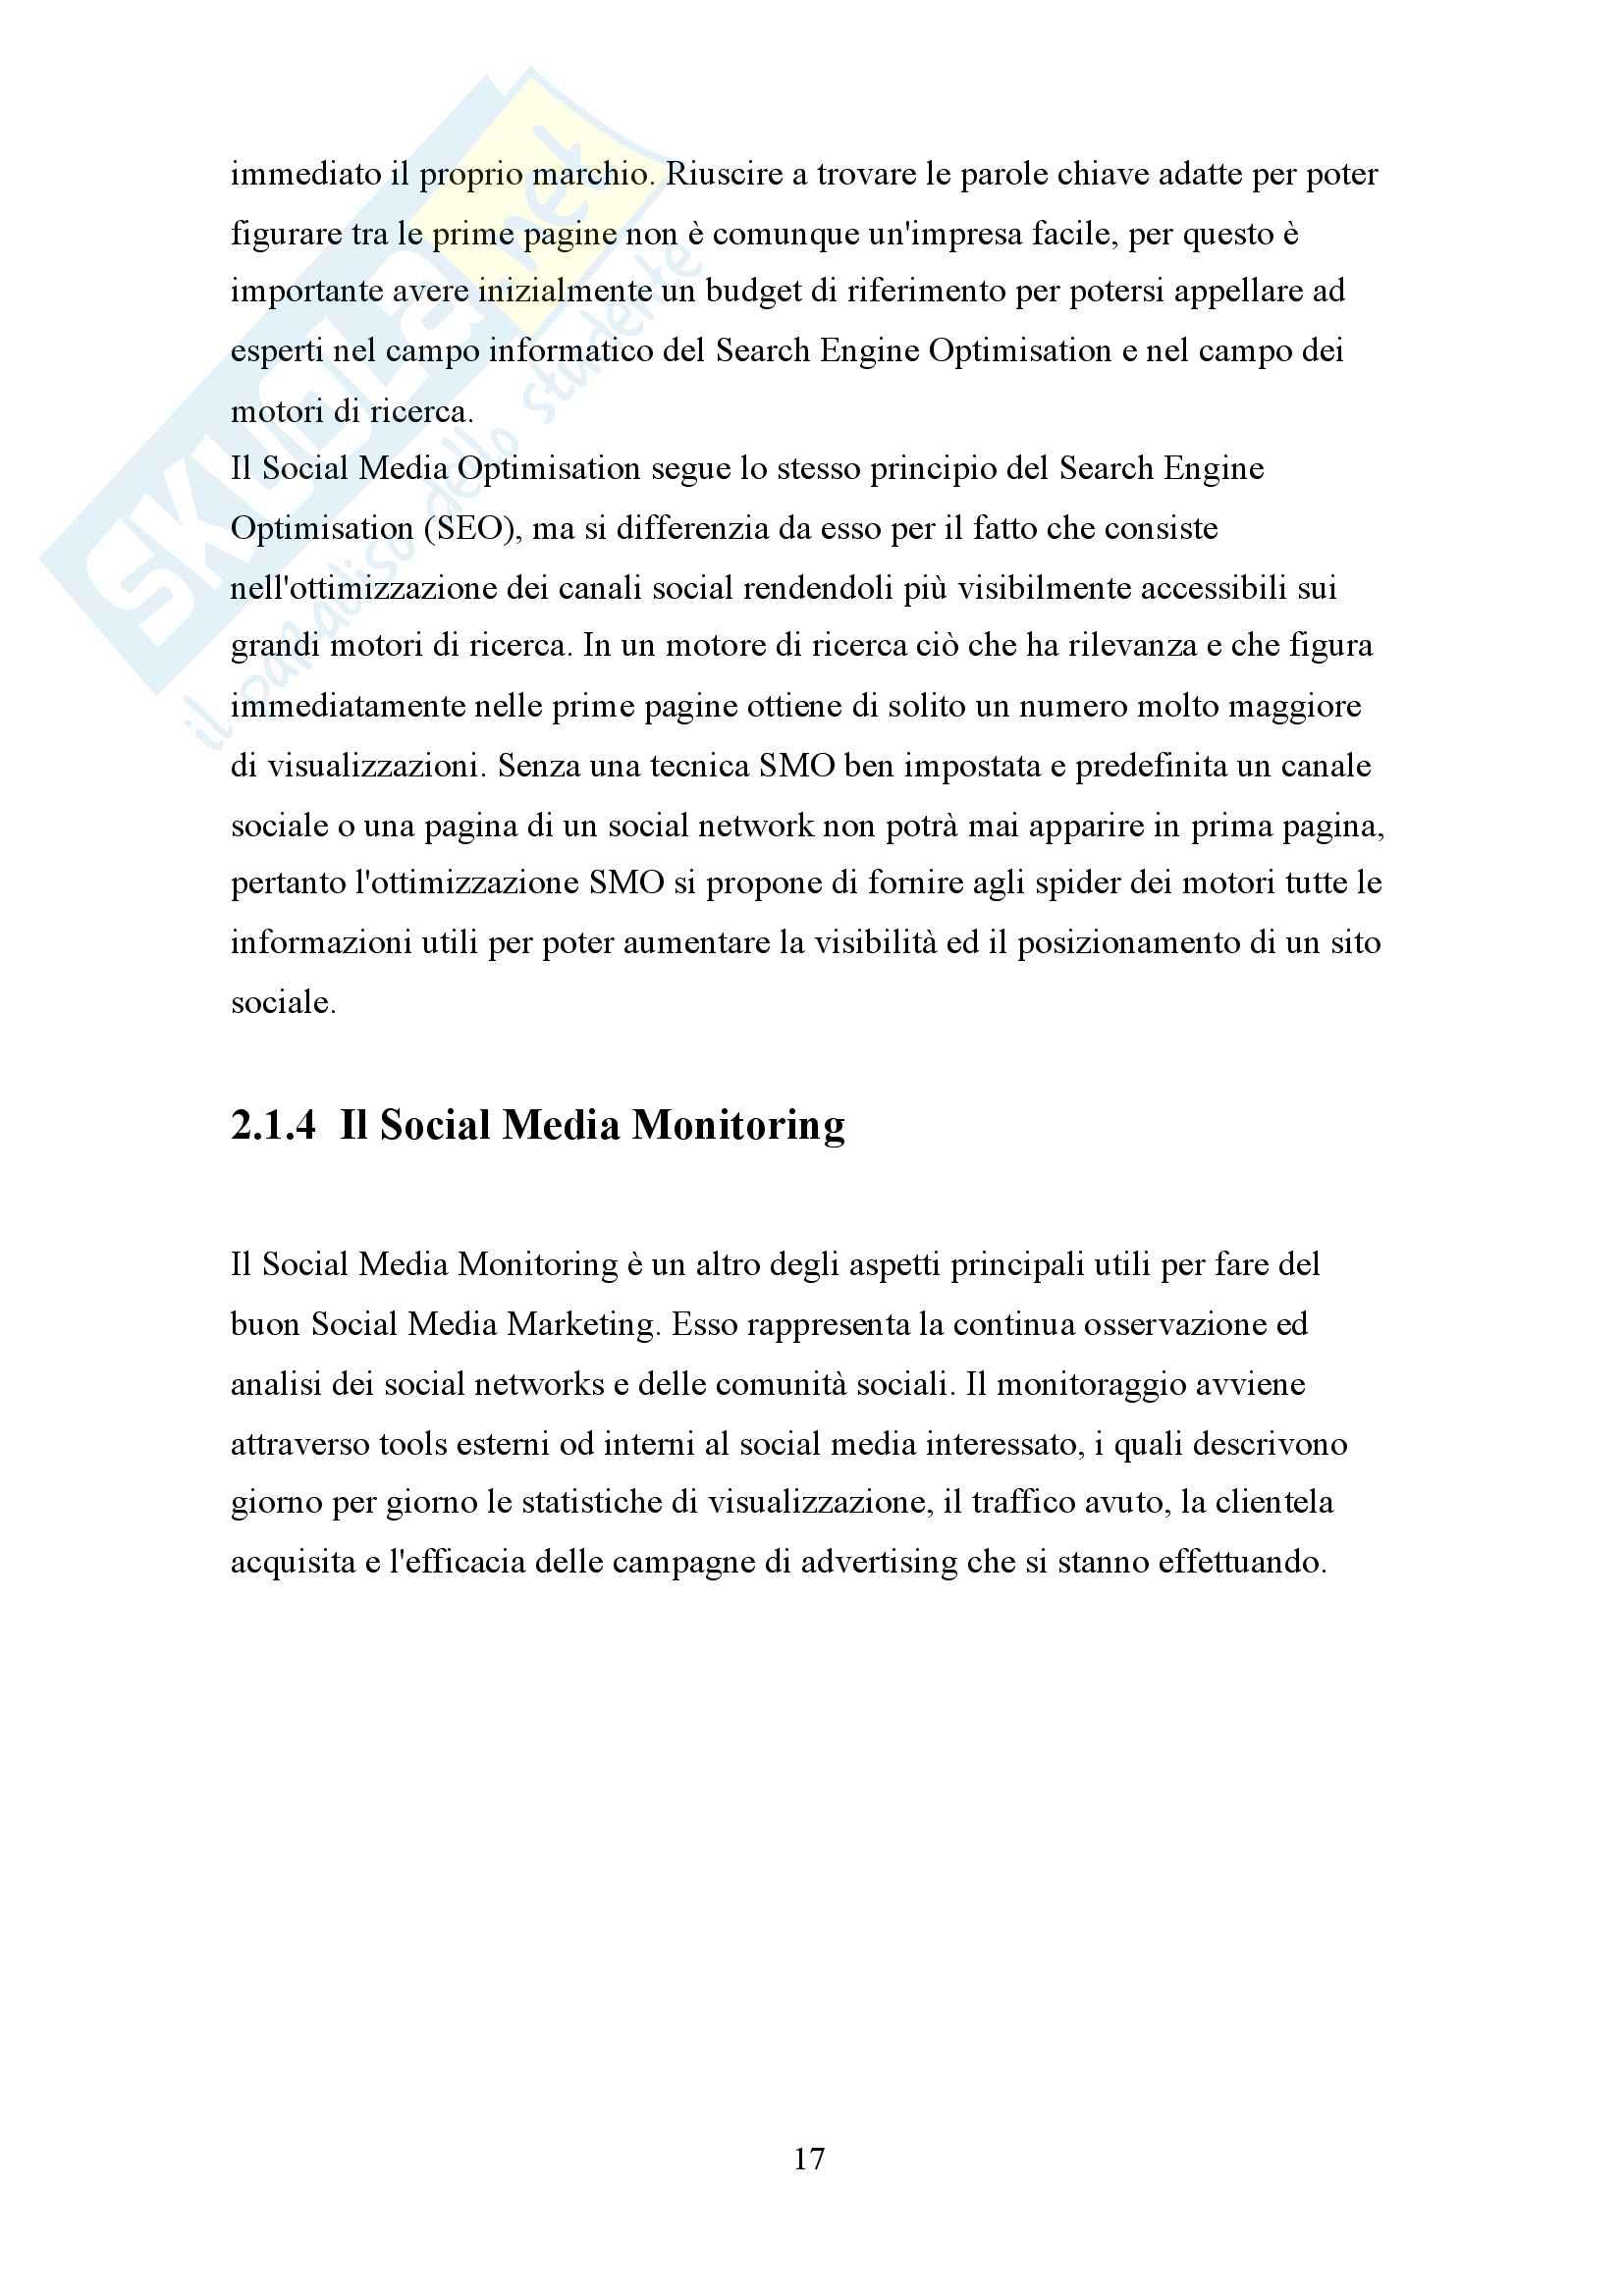 Social media marketing: advertising e fidelizzazione attraverso una strategia multicanale Pag. 16